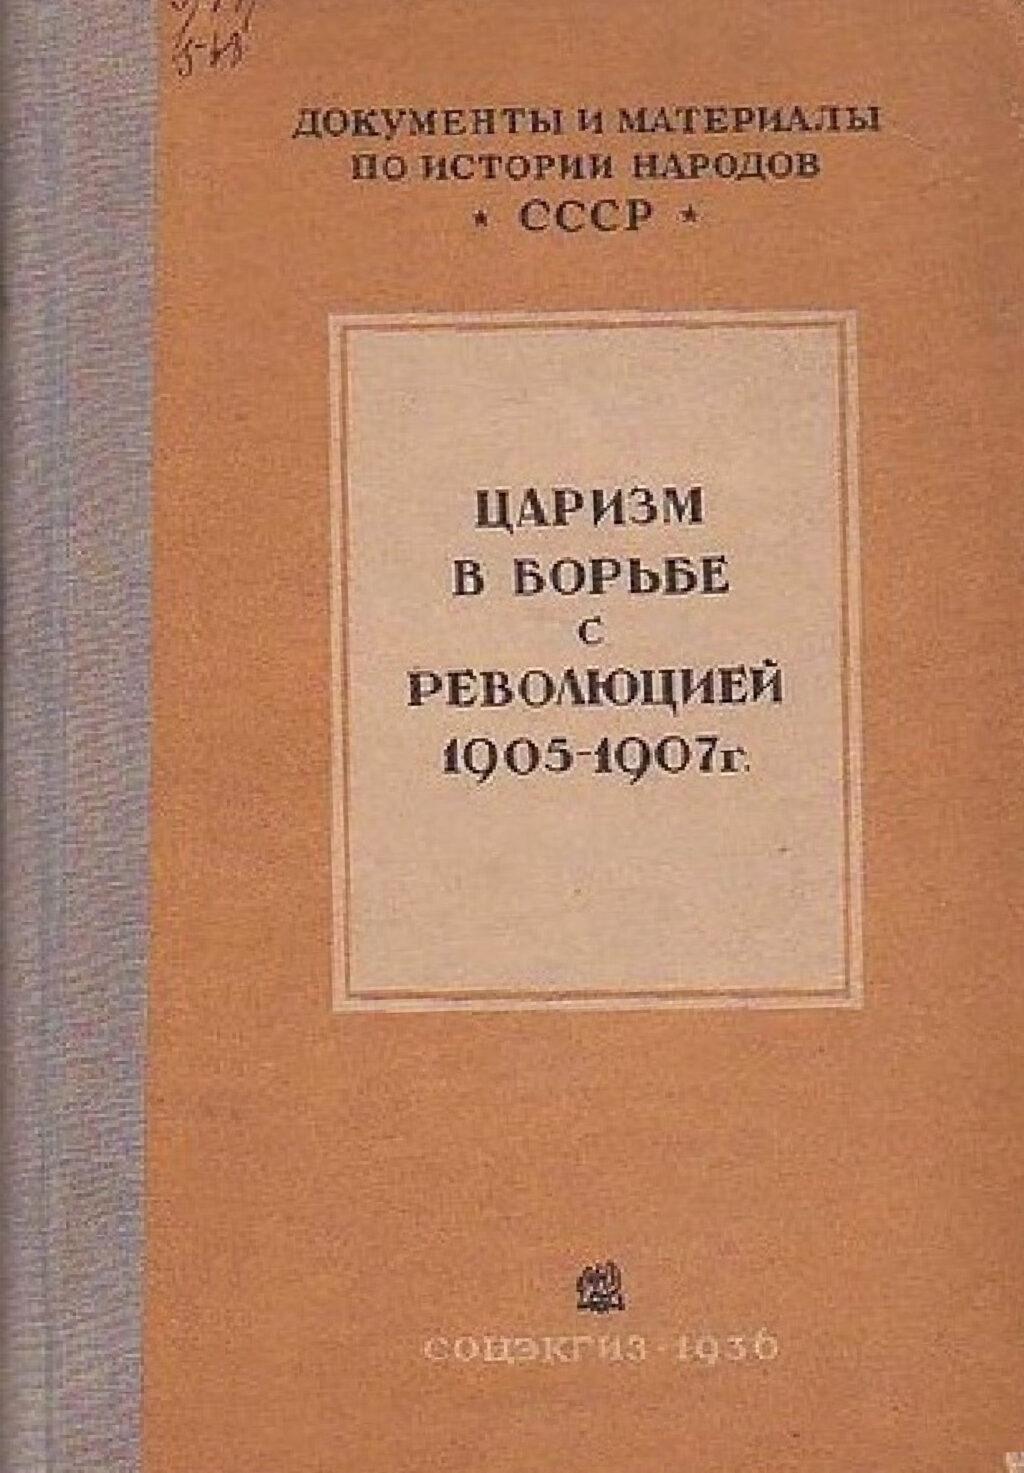 Царизм в борьбе с революцией 1905-1907 гг.